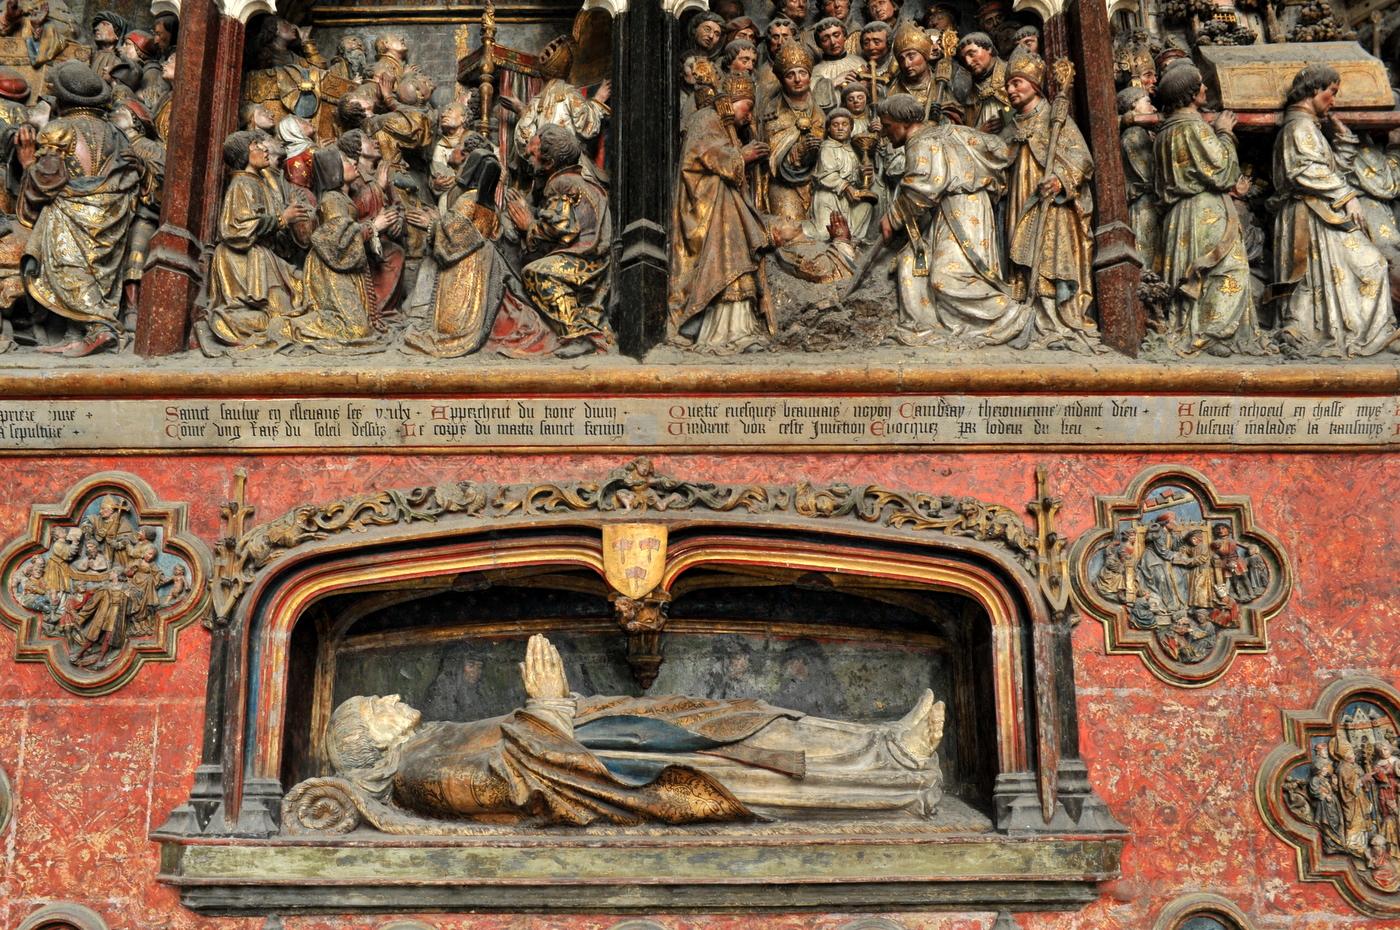 1530 (estimated by date of subject's death) - Gisant d'Adrien de Hénencourt - Cathédrale d'Amiens - http://www.flickr.com/photos/biron-philippe/6276741341/